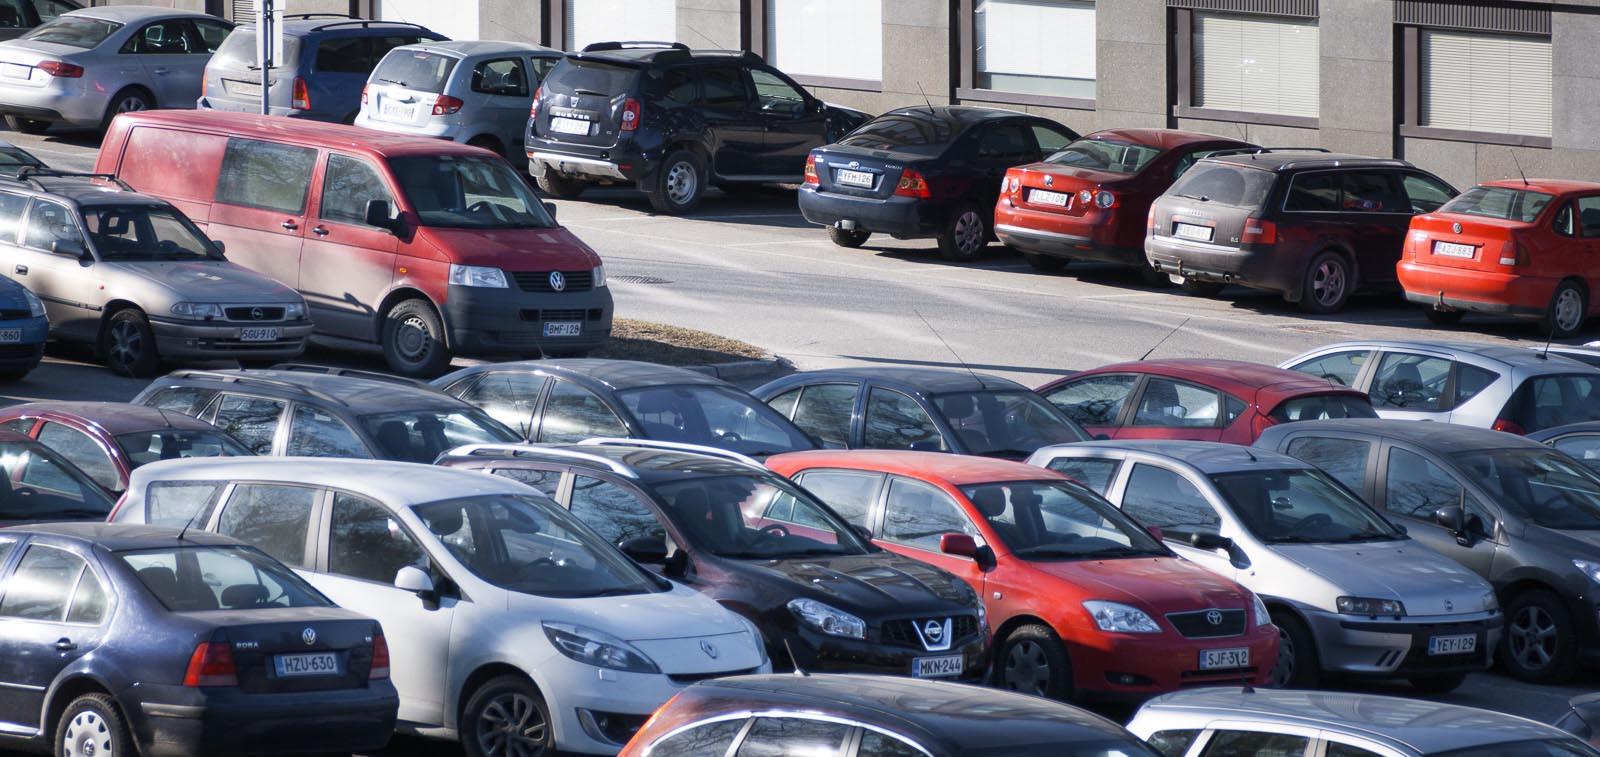 Pysäköityjä autoja parkkipaikalla